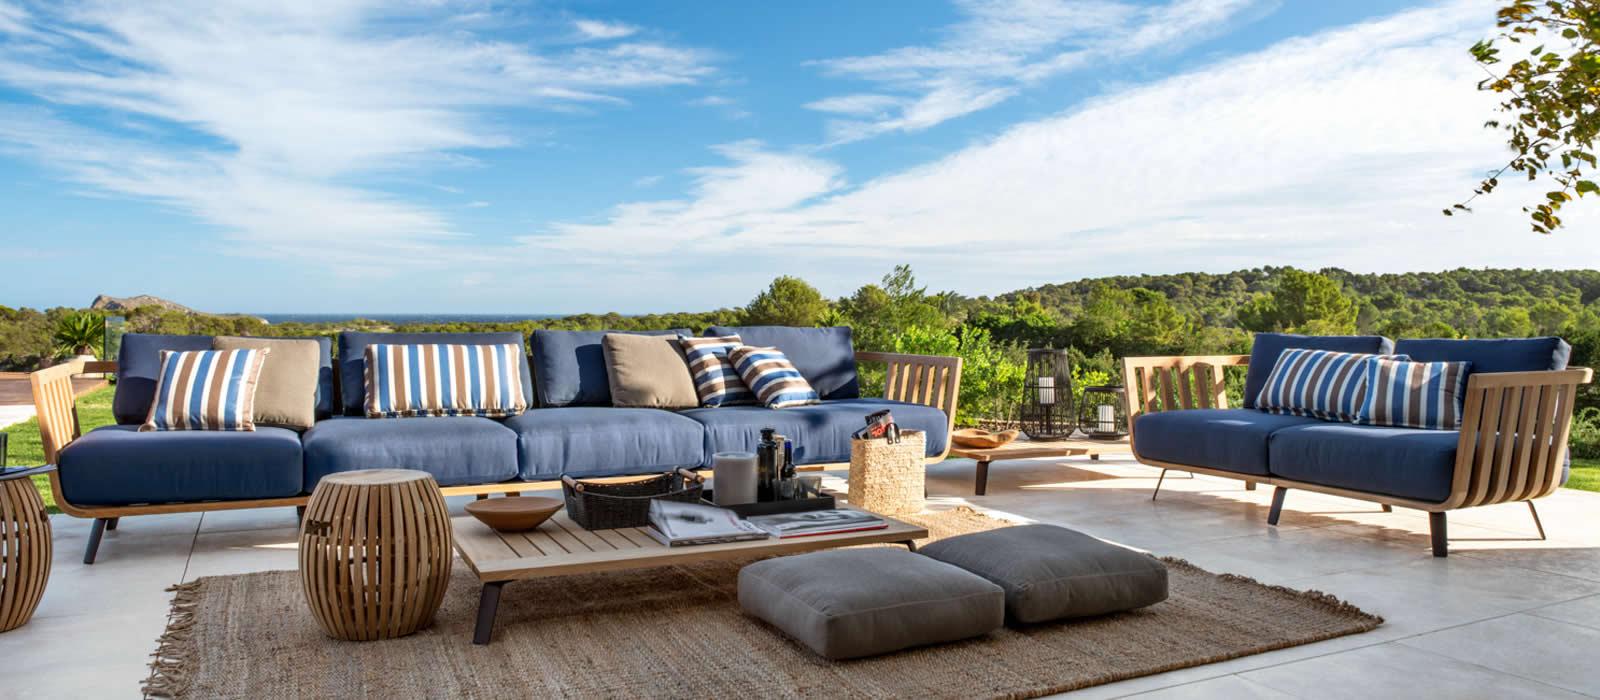 Sofas De Diseño Baratos Whdr sofas Rattan Exterior Baratos Para Conjunto sofa Segunda Mano